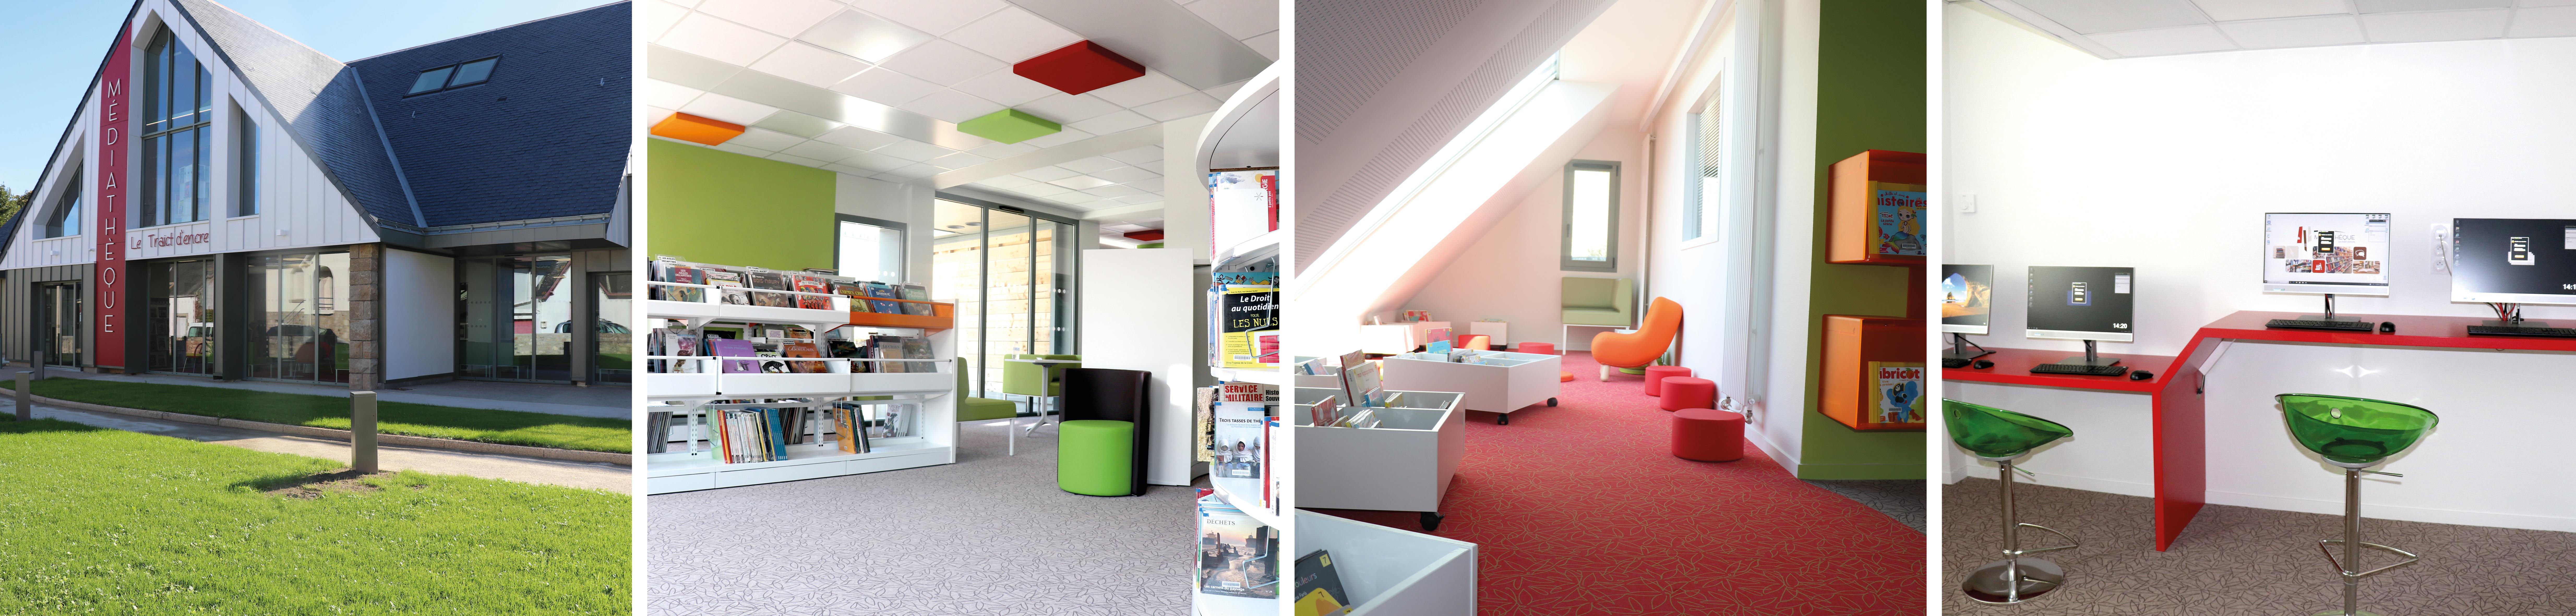 Bandeau - Site internet - Médiathèque.jpg